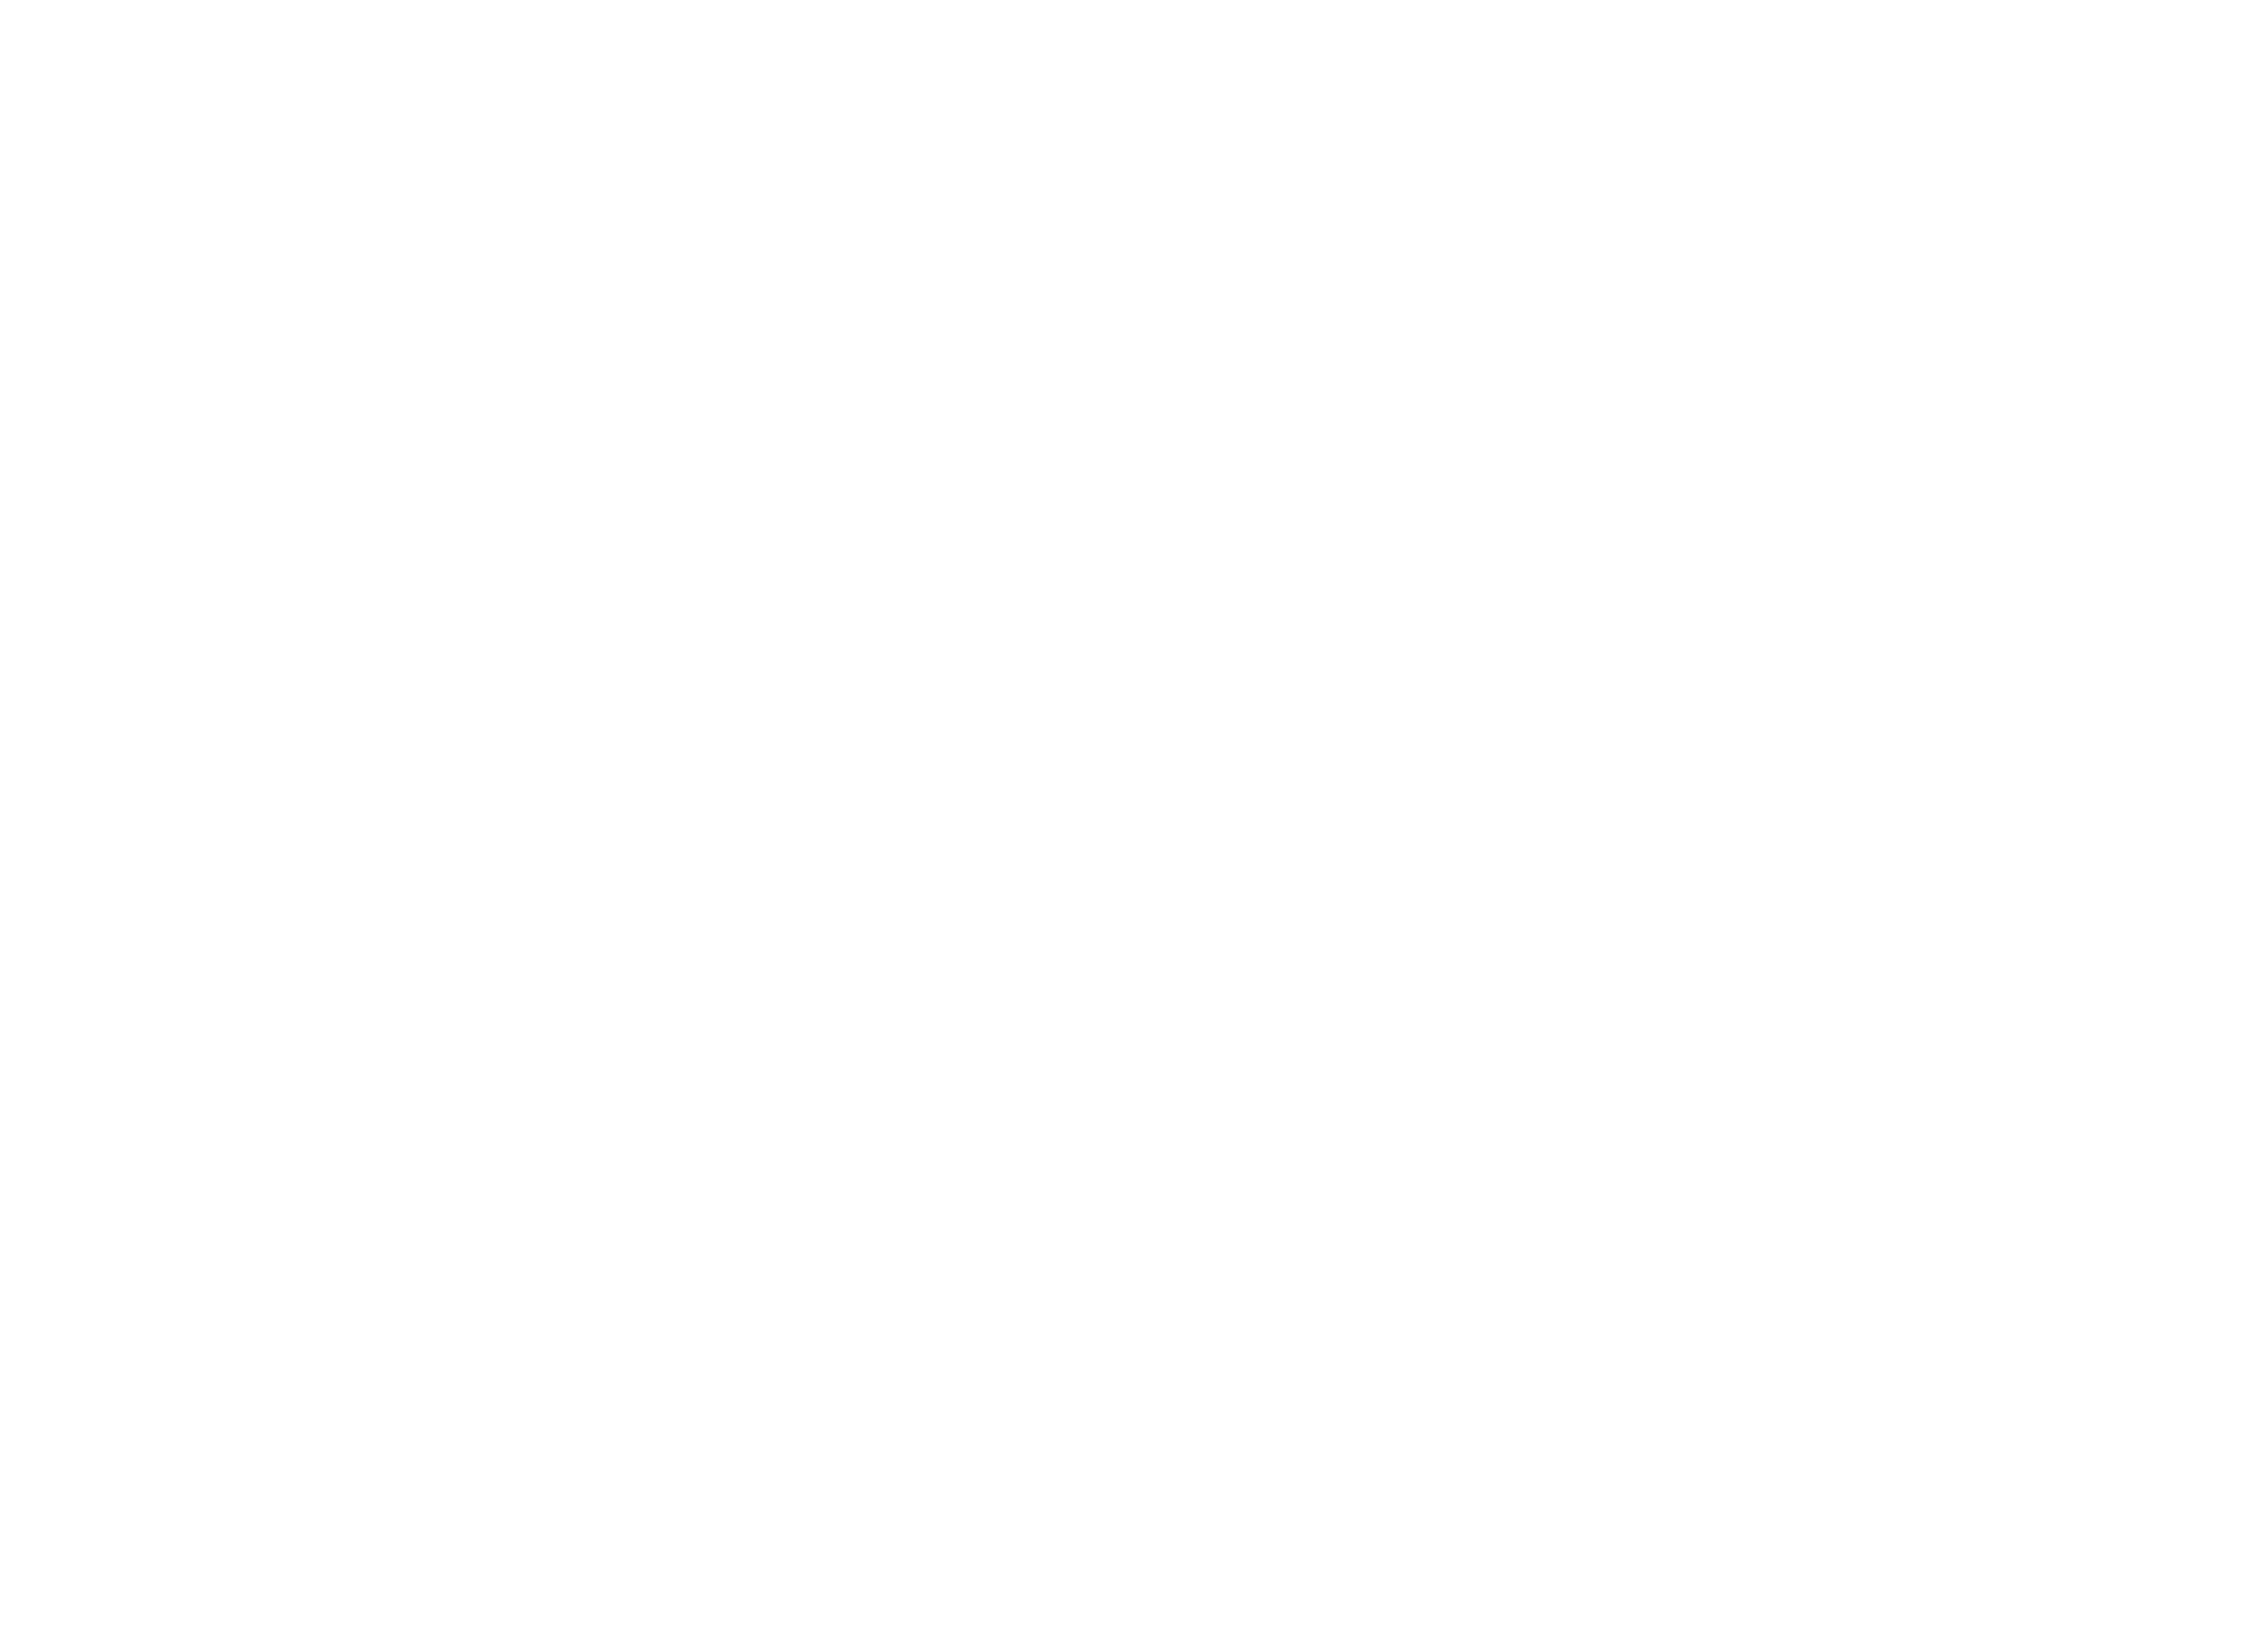 seminairearslogo